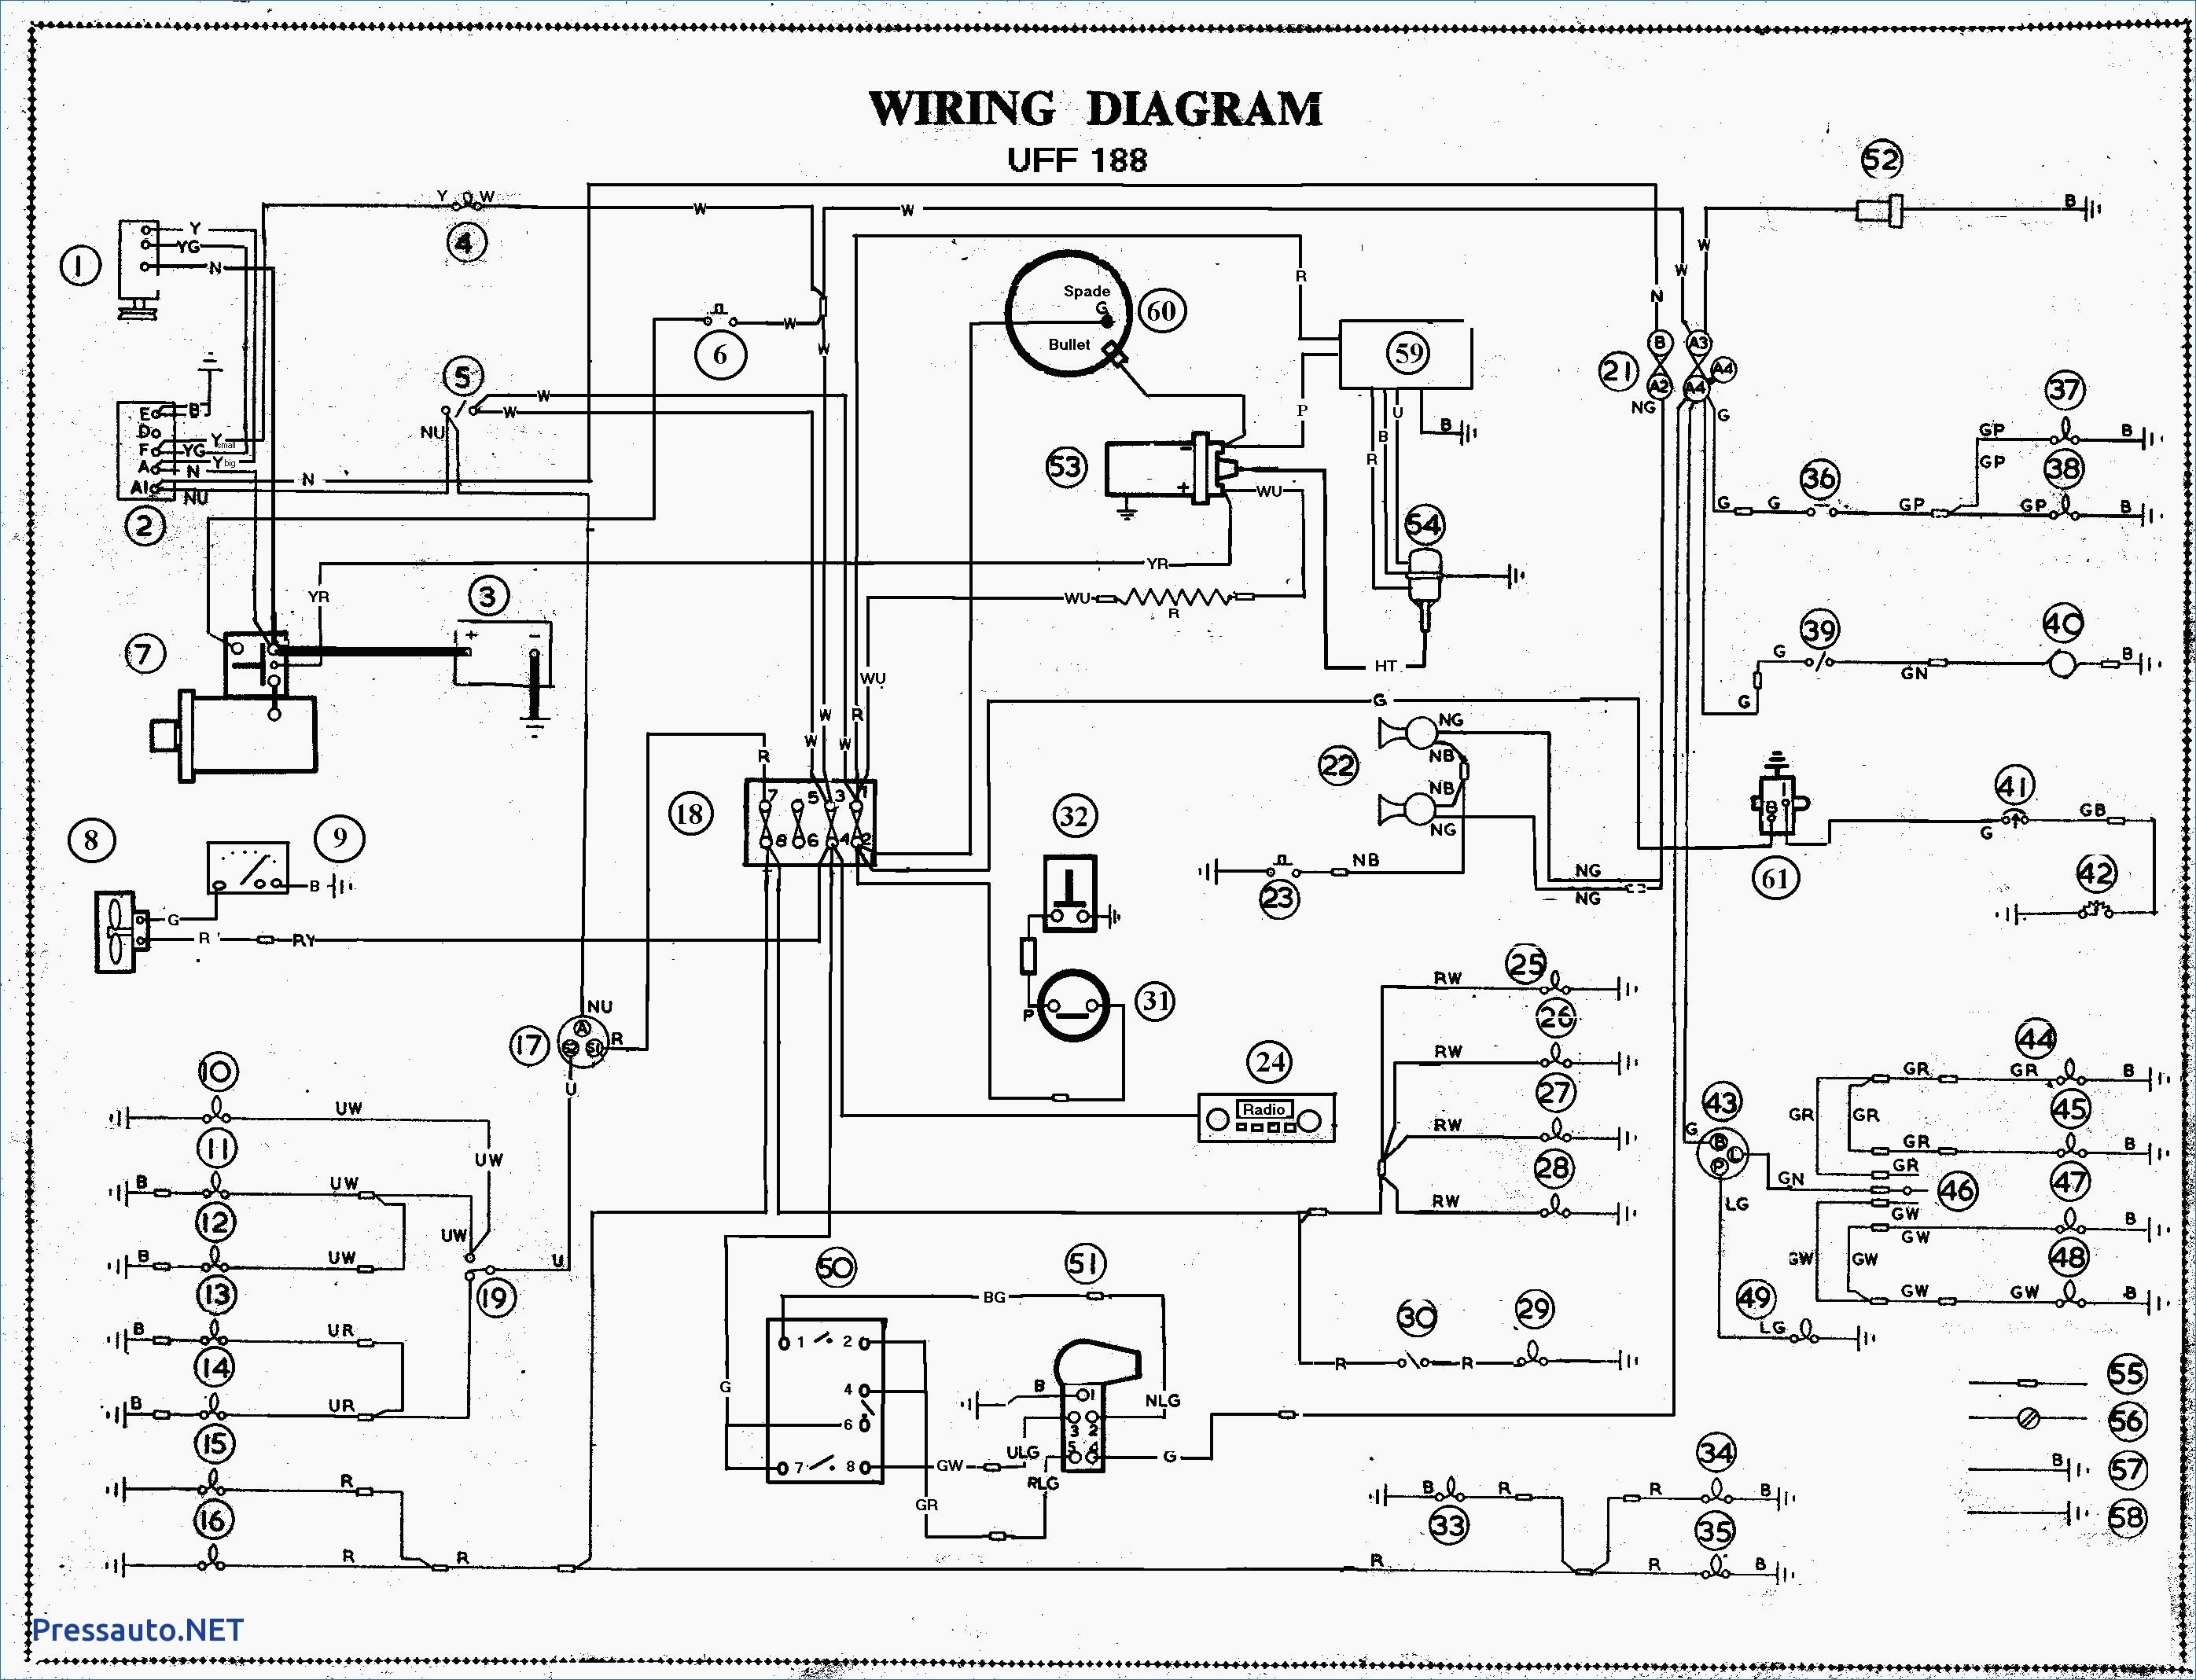 Vehicle Wiring Diagram App - Data Wiring Diagram Schematic - Automotive Wiring Diagram